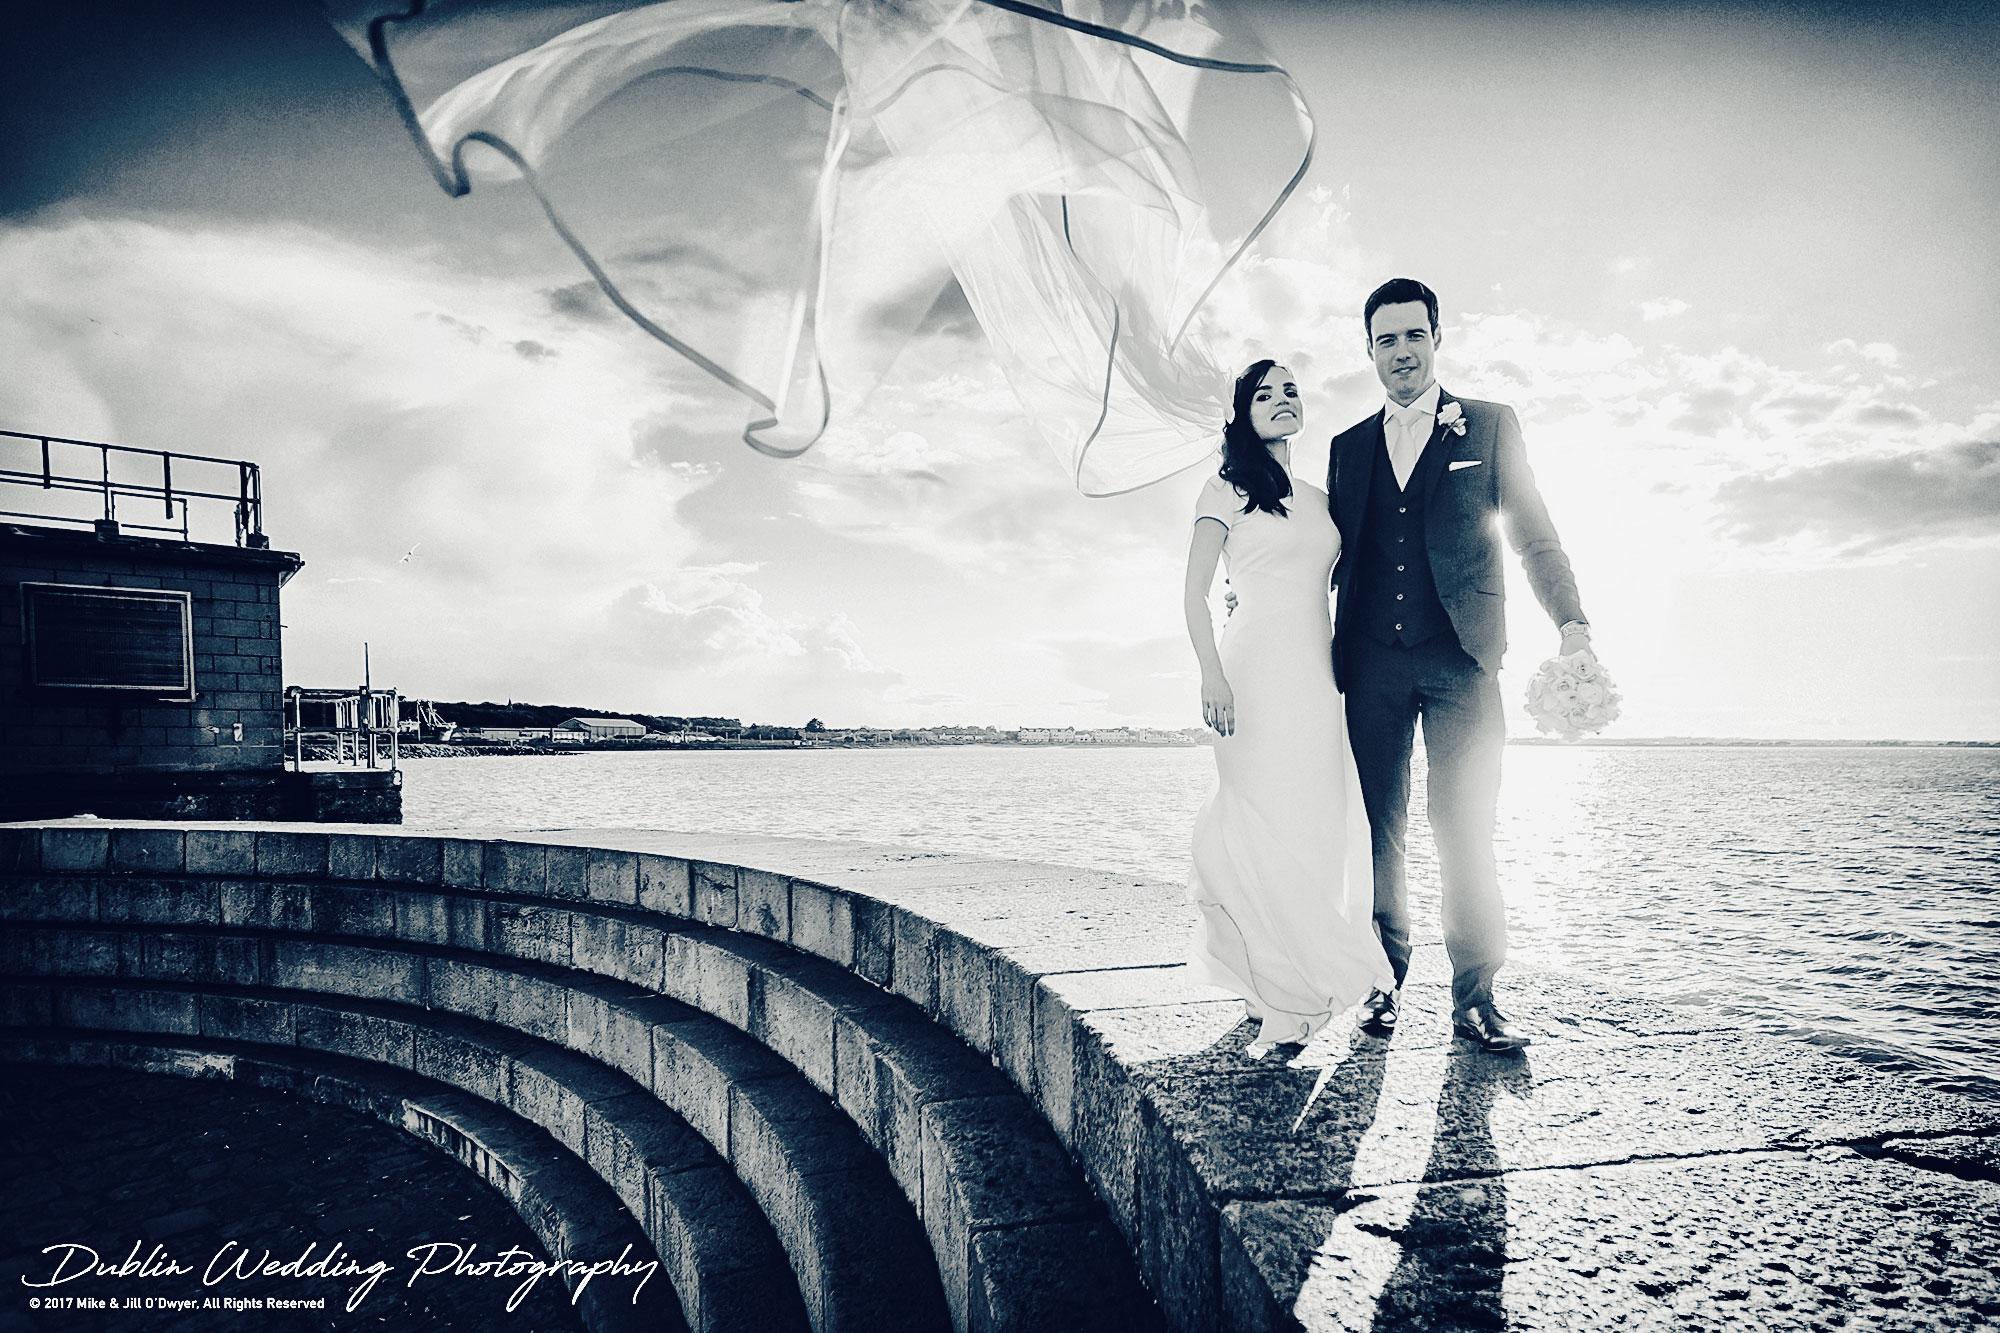 Dublin Wedding Photographer City Streets 101